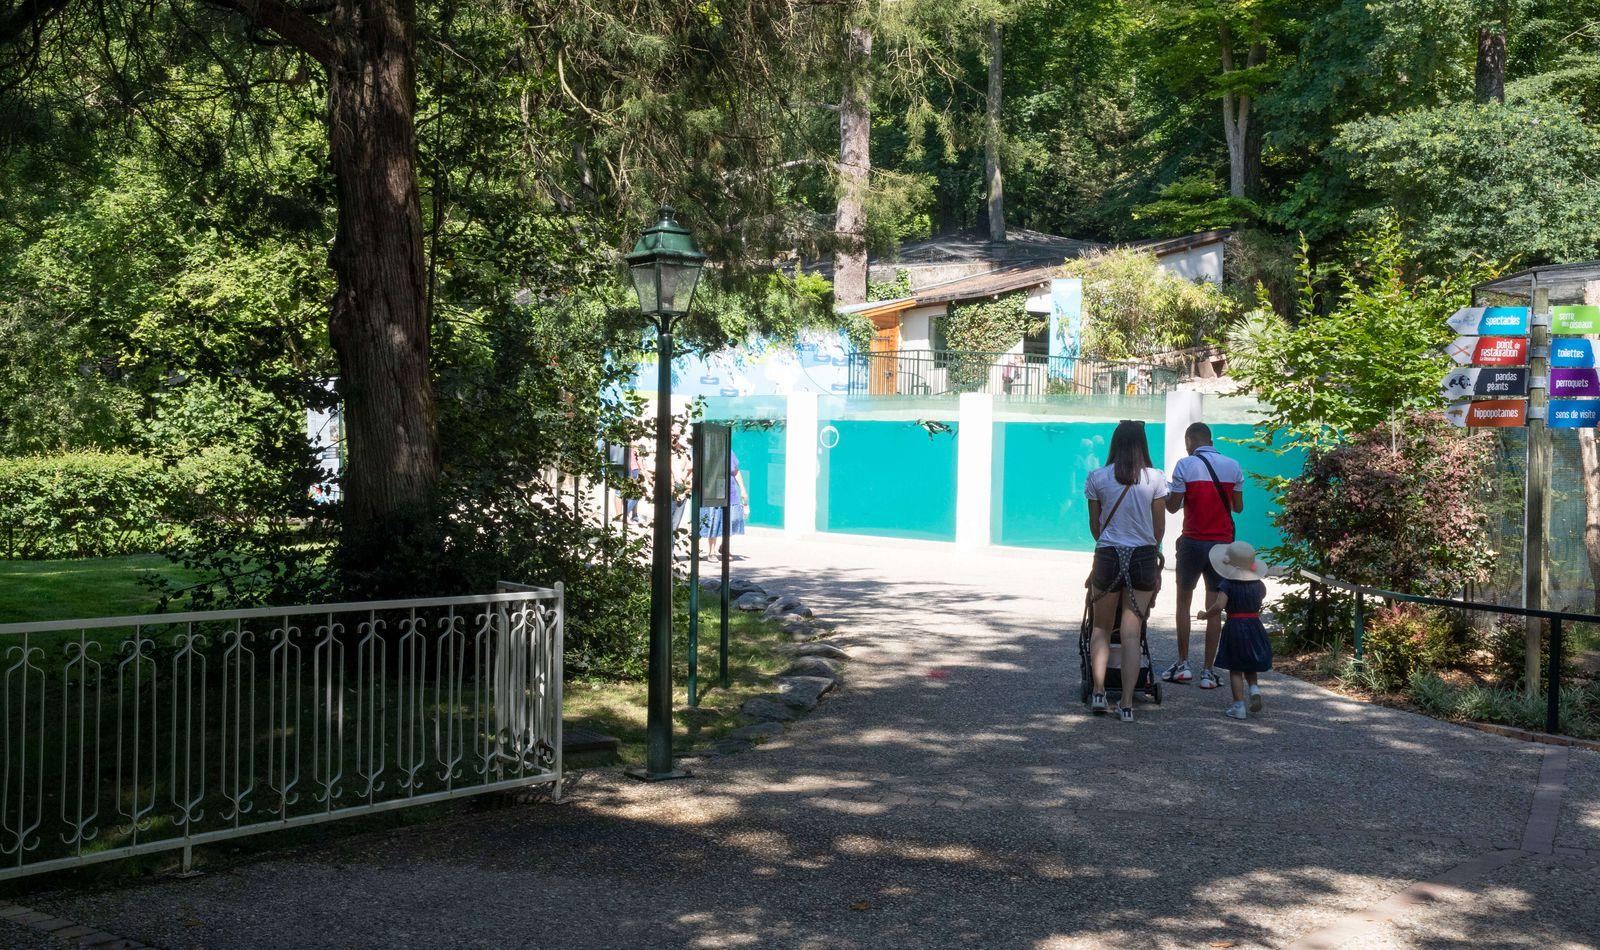 Bassin des manchots - Venez visiter les animaux du ZooParc de Beauval